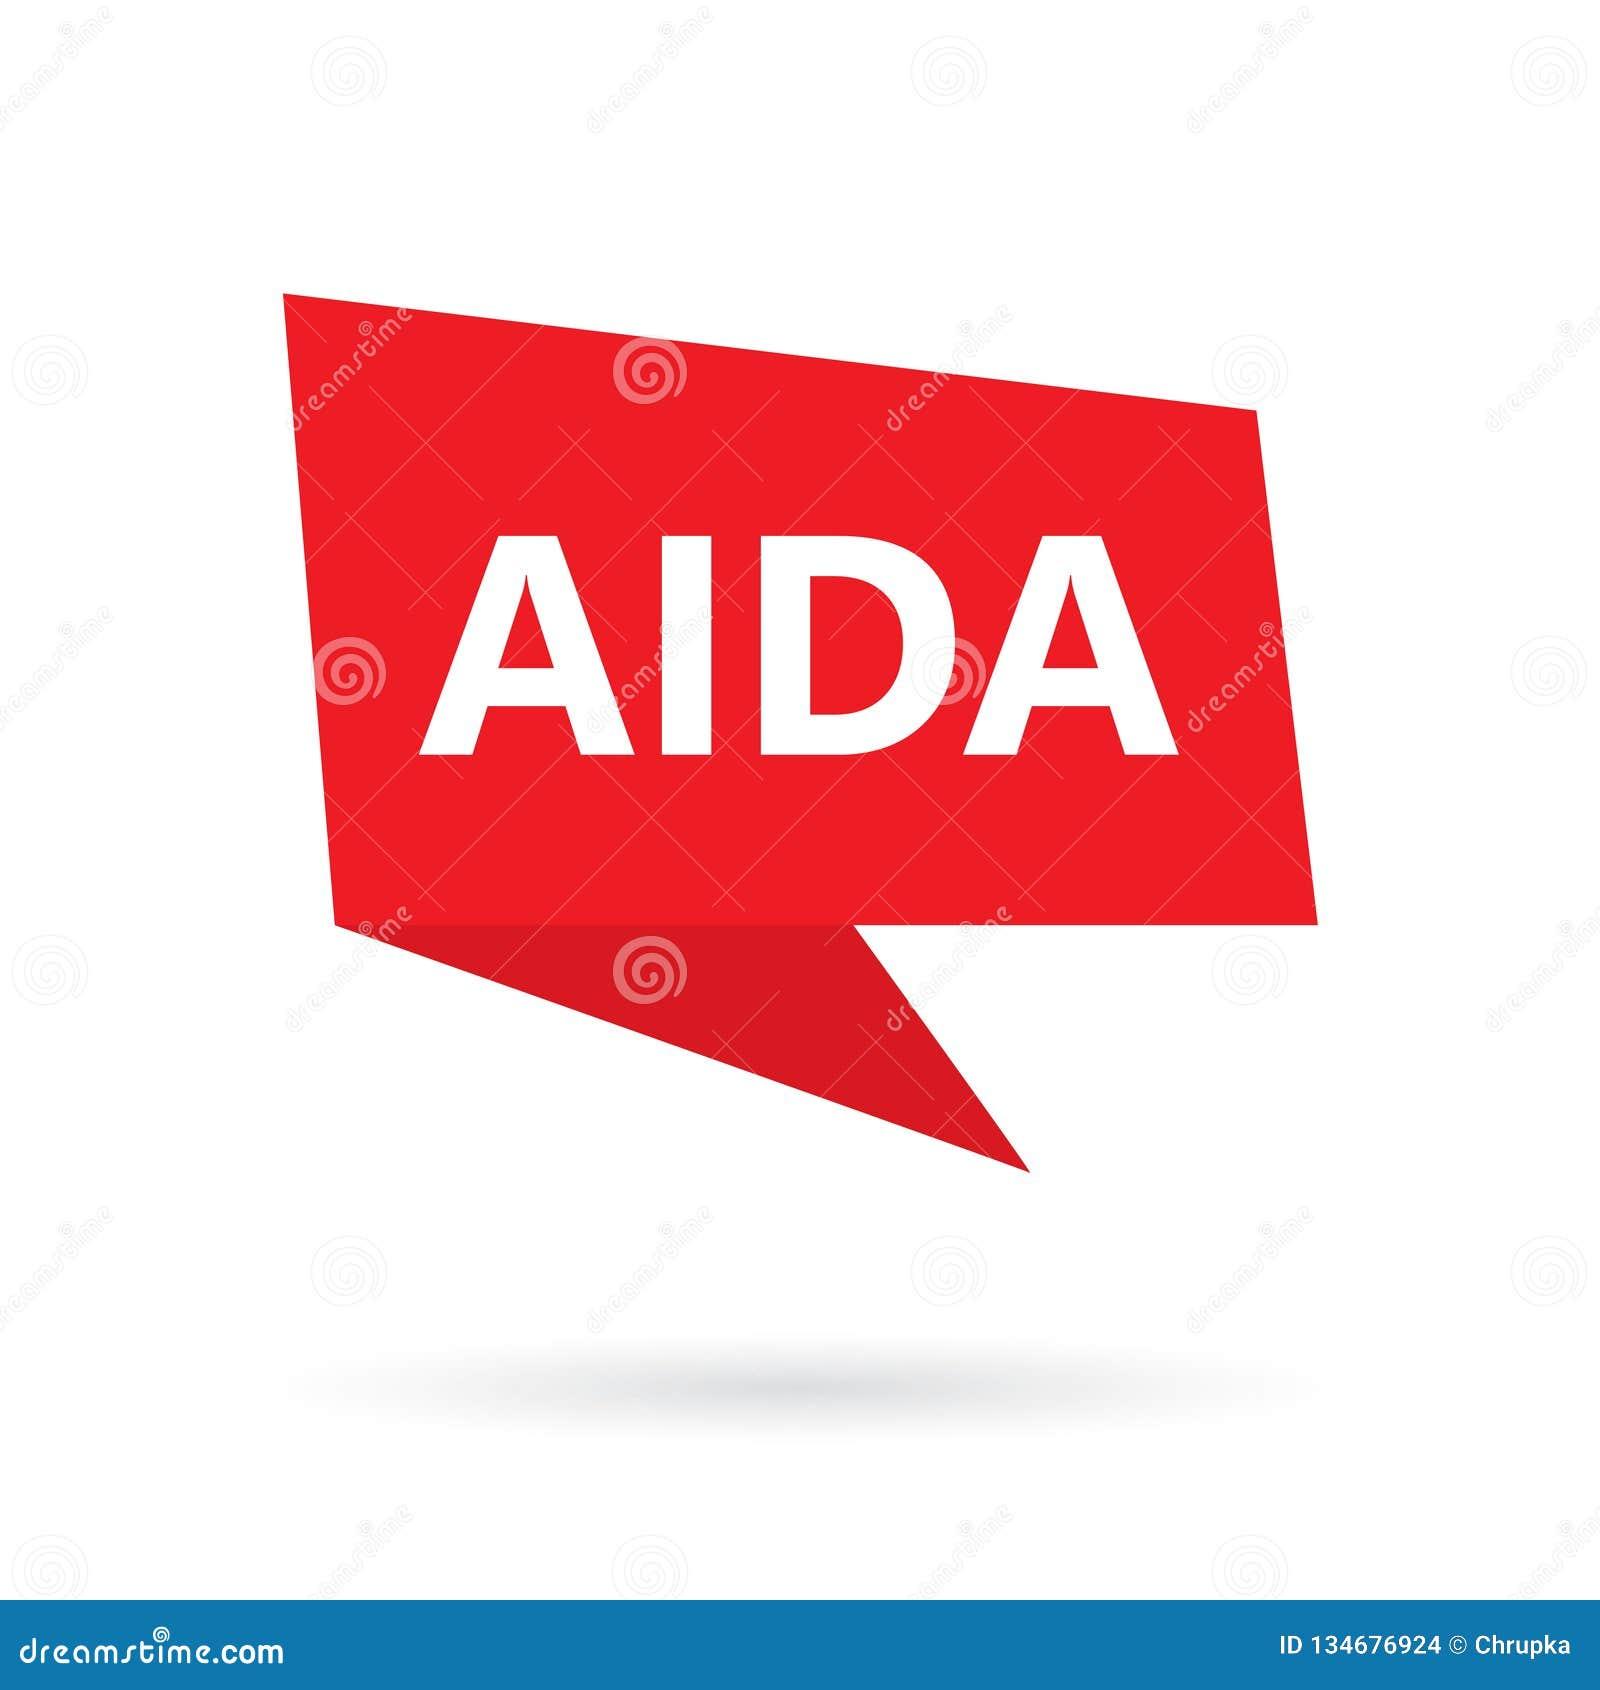 阿伊达注意兴趣欲望在讲话泡影的行动首字母缩略词